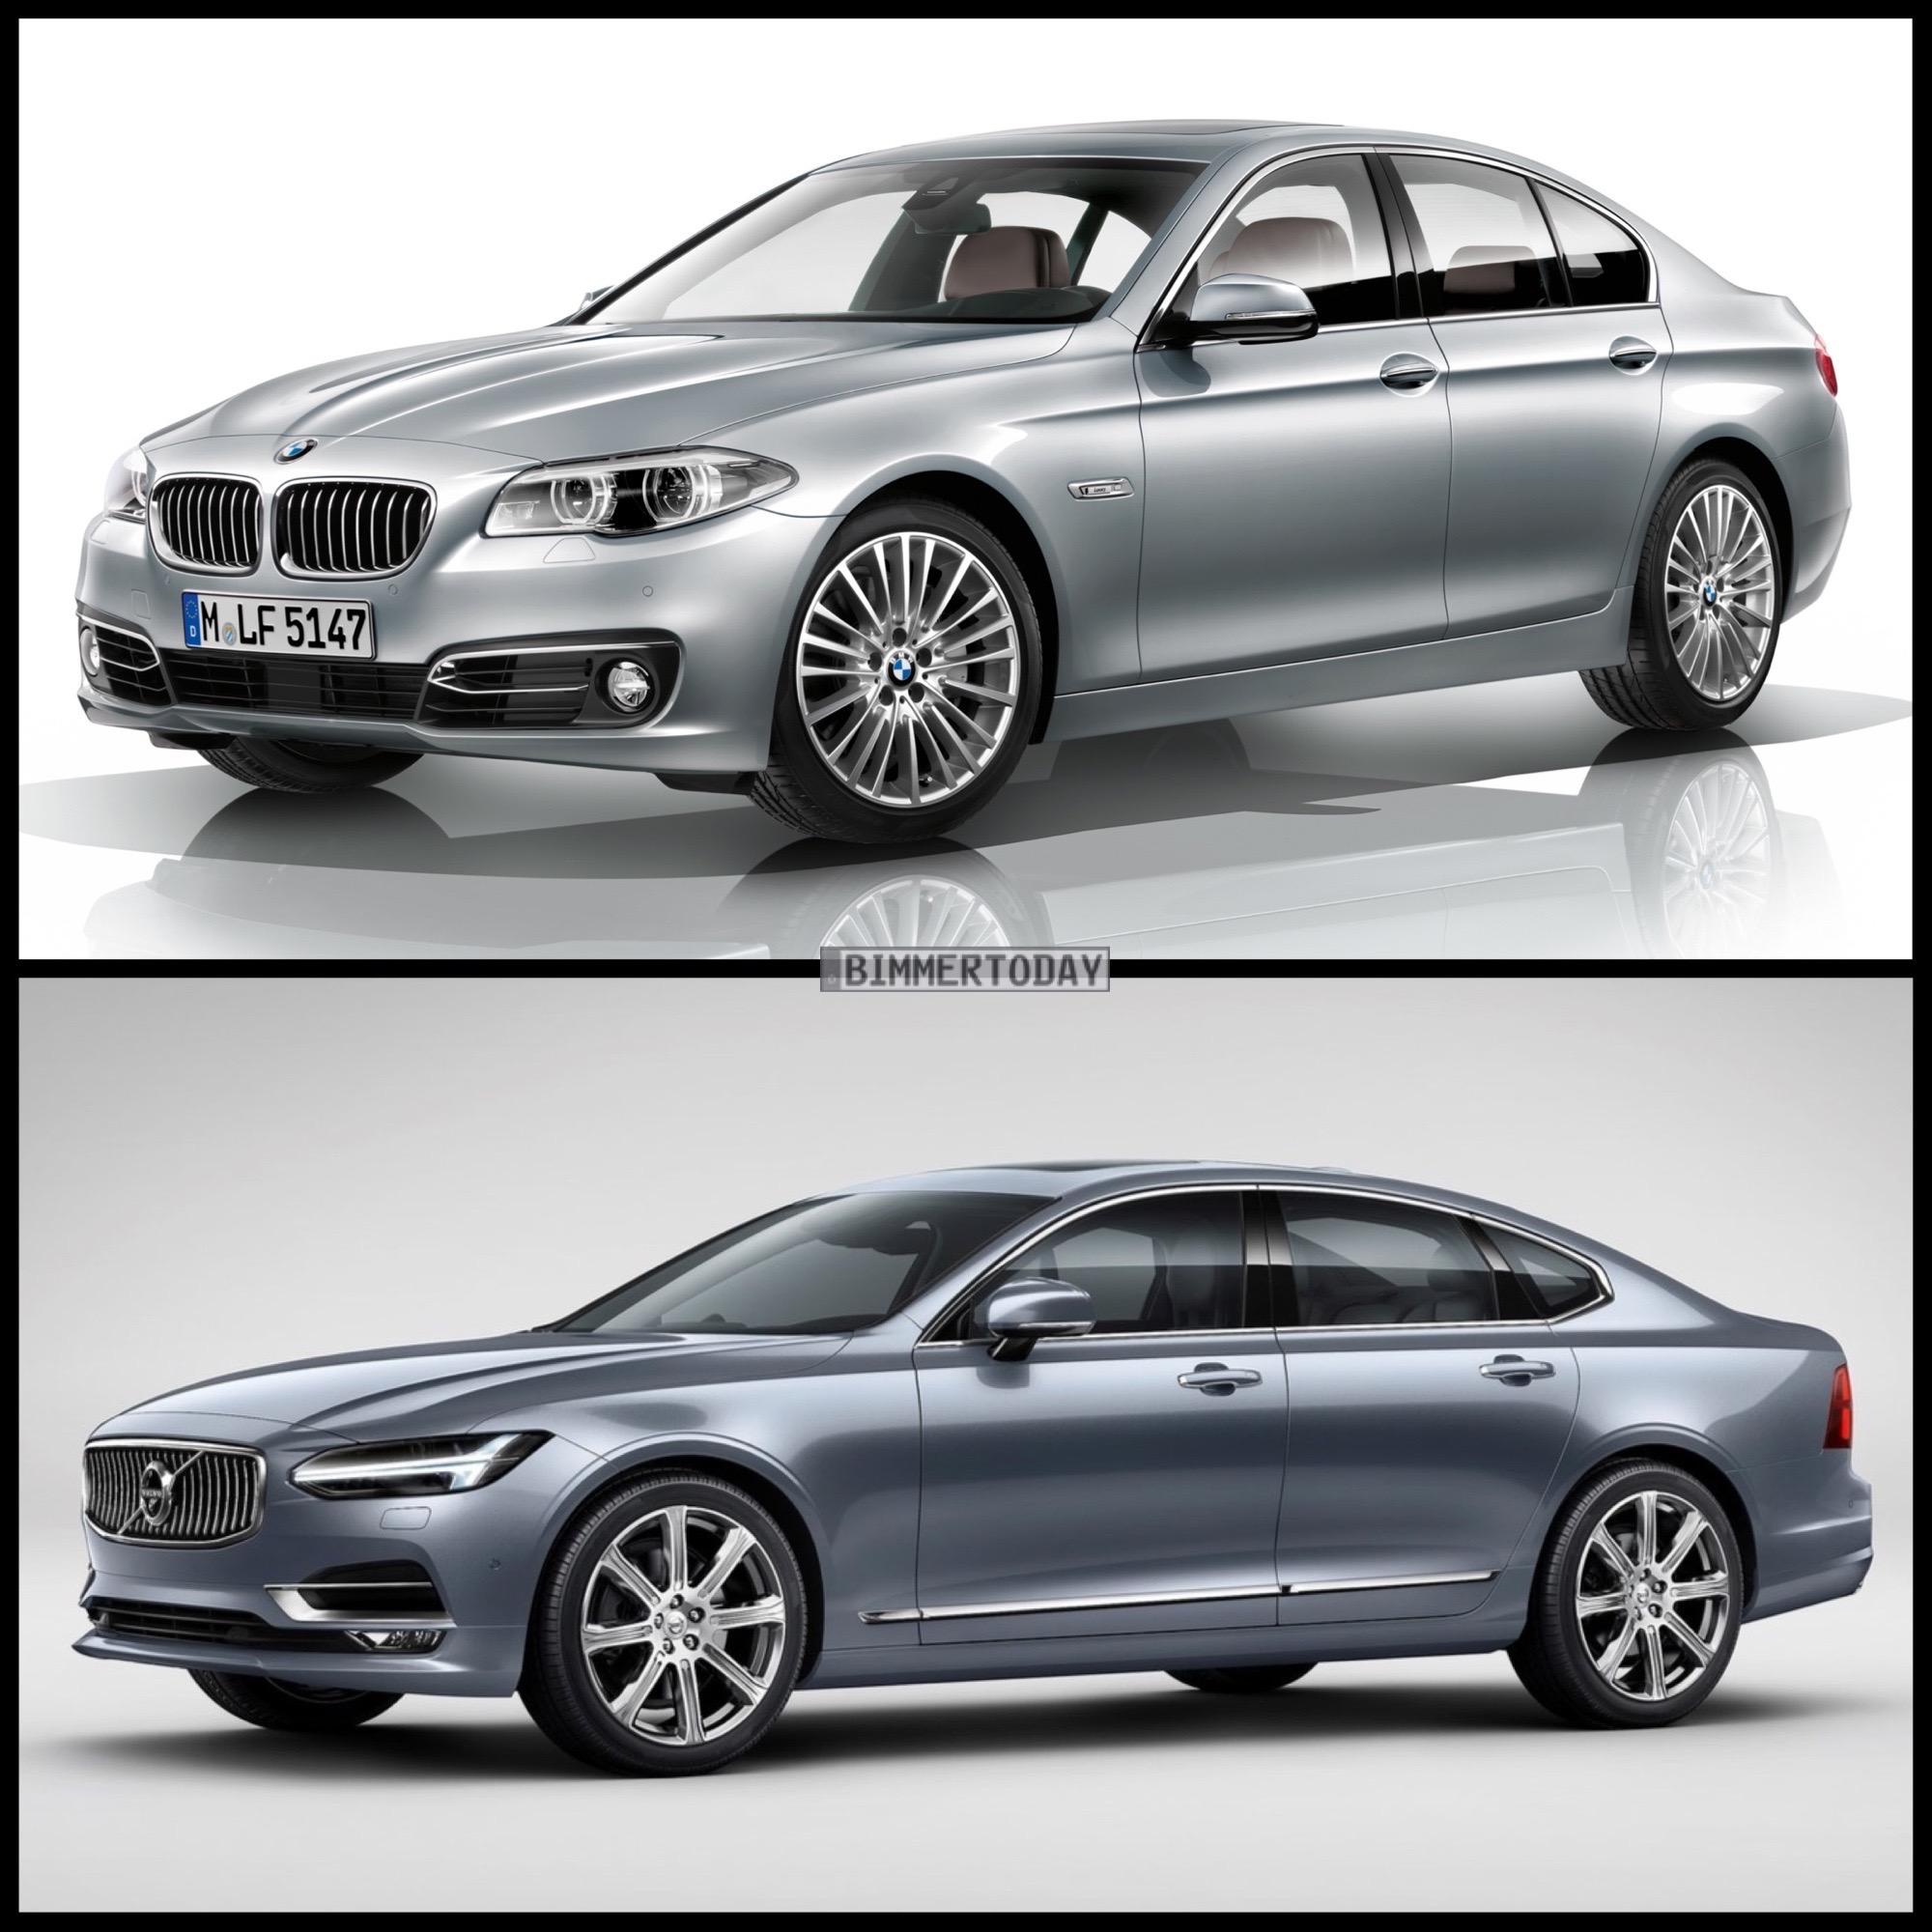 Image Comparison 2016 Volvo S90 Vs Bmw F10 5 Series